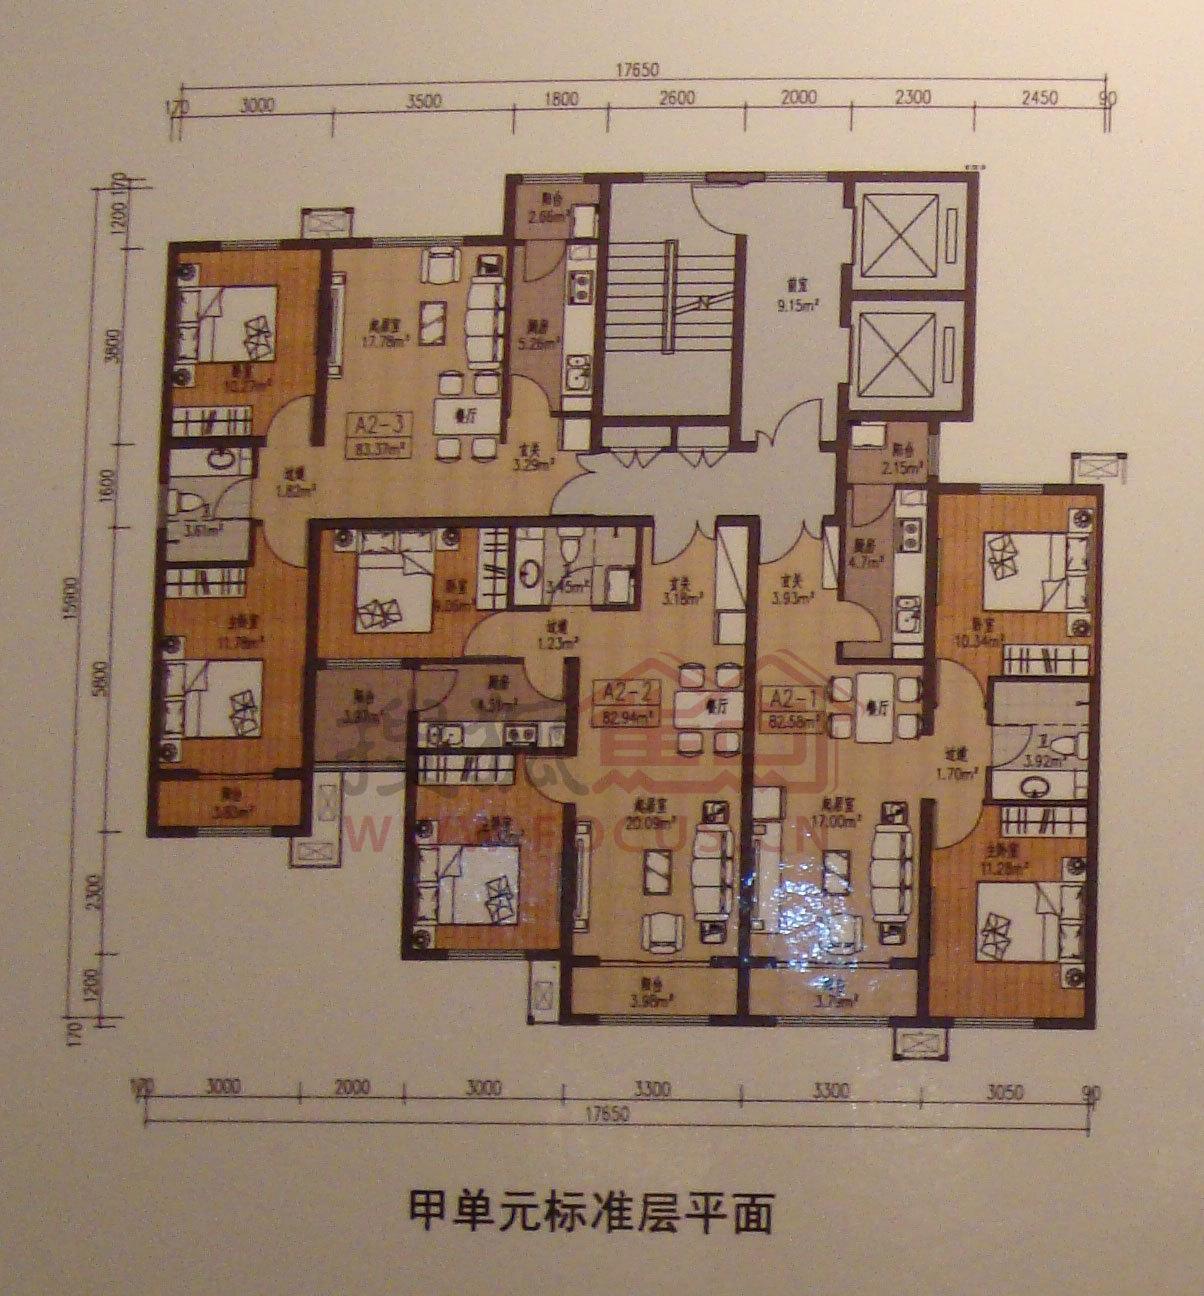 温泉凯盛家园(公租房)户型图图片